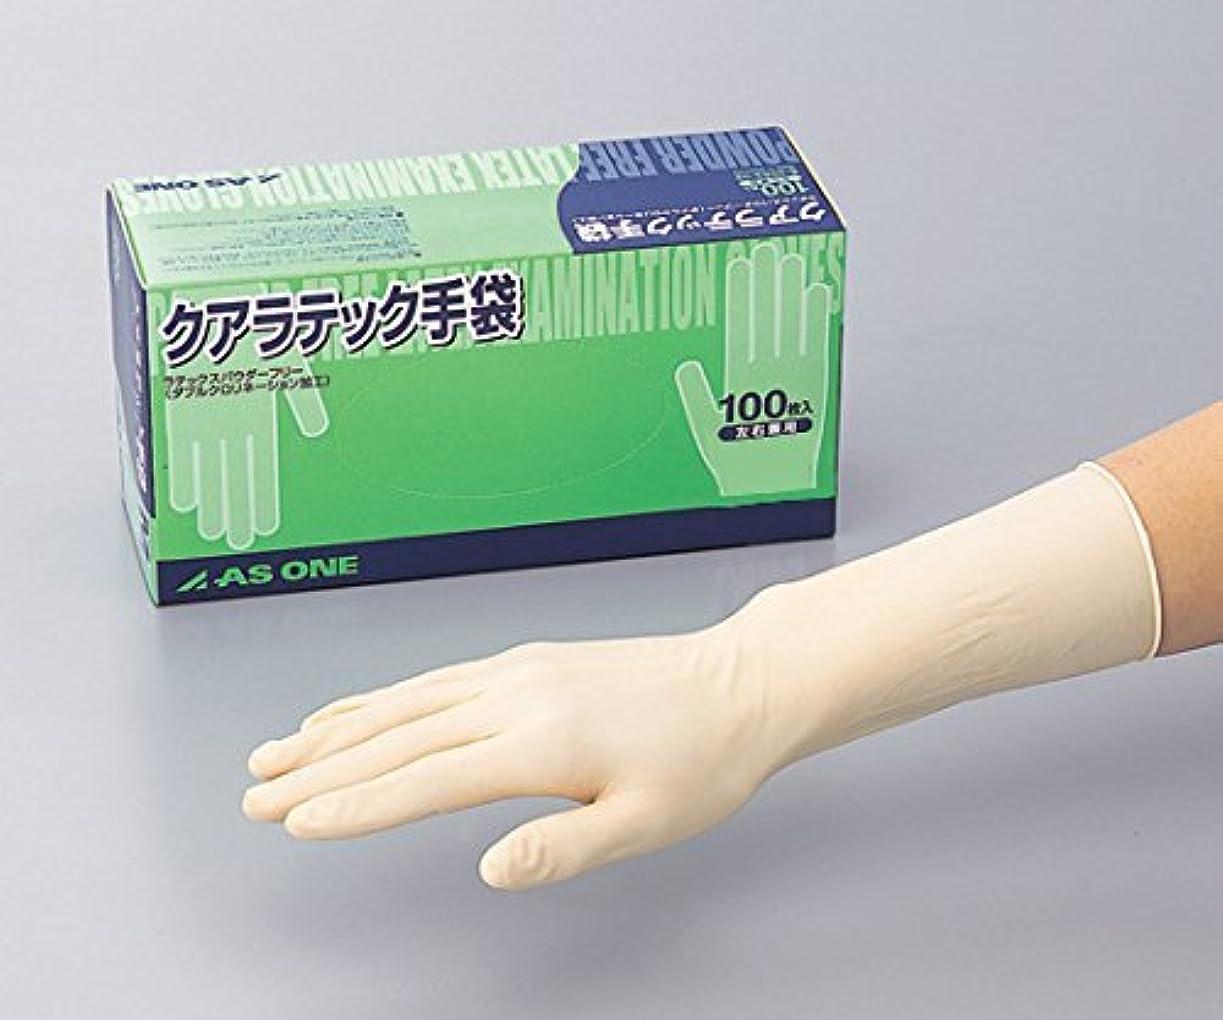 アズワン8-4053-02クアラテック手袋(DXパウダーフリー)M1箱(100枚入)